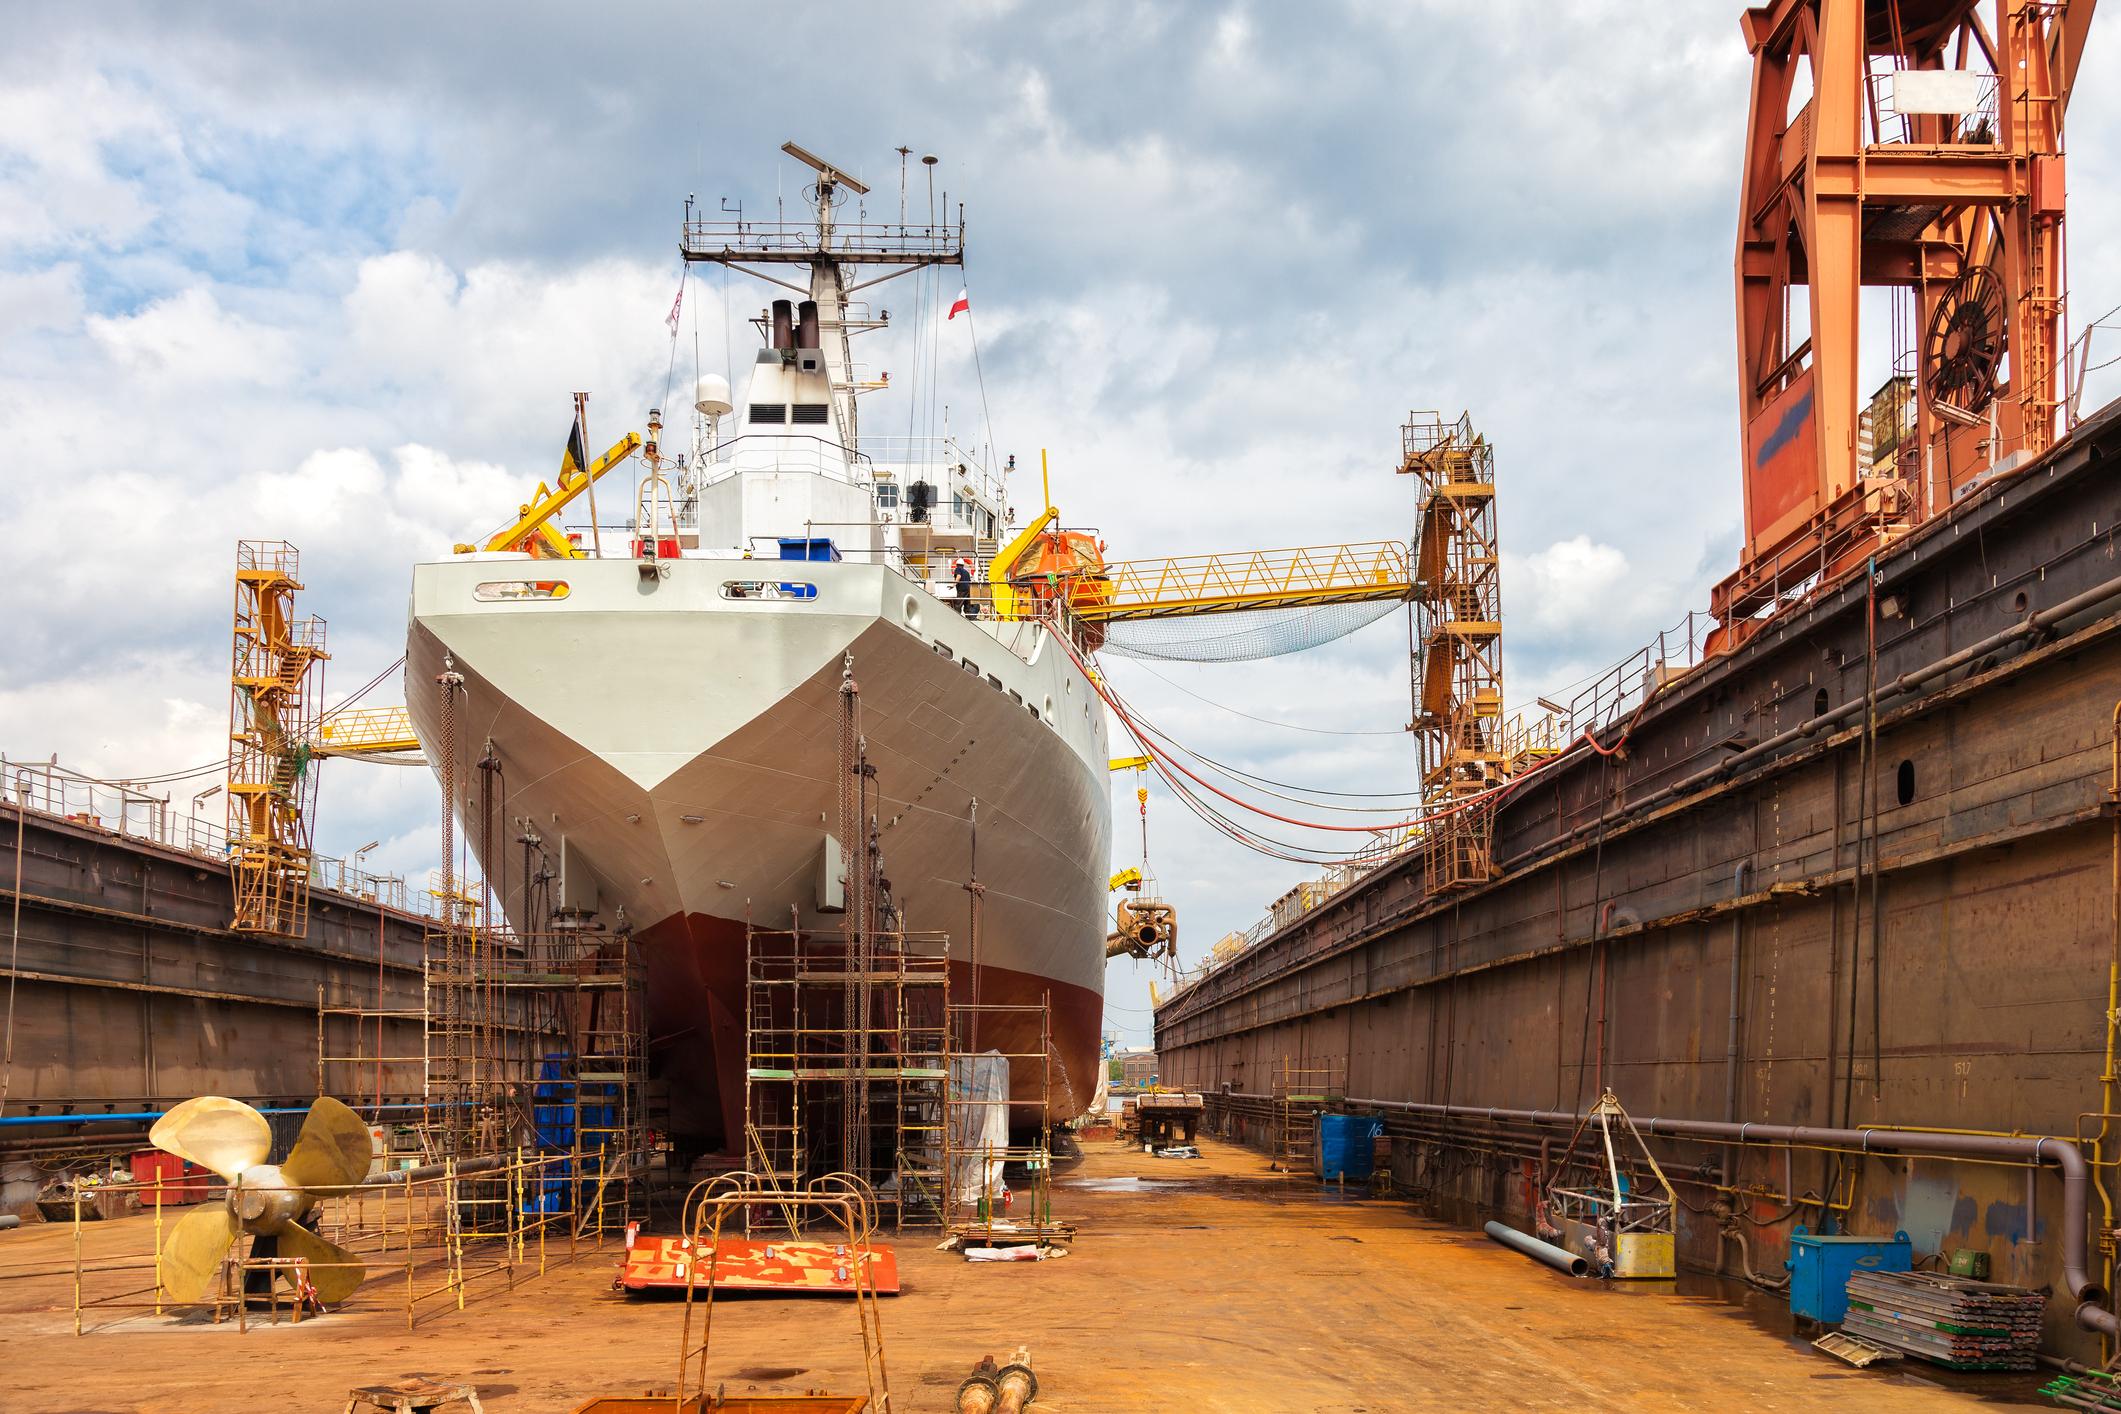 Lavoro Come Architetto Napoli ingegneria navale, una storia italiana: dove studiare e